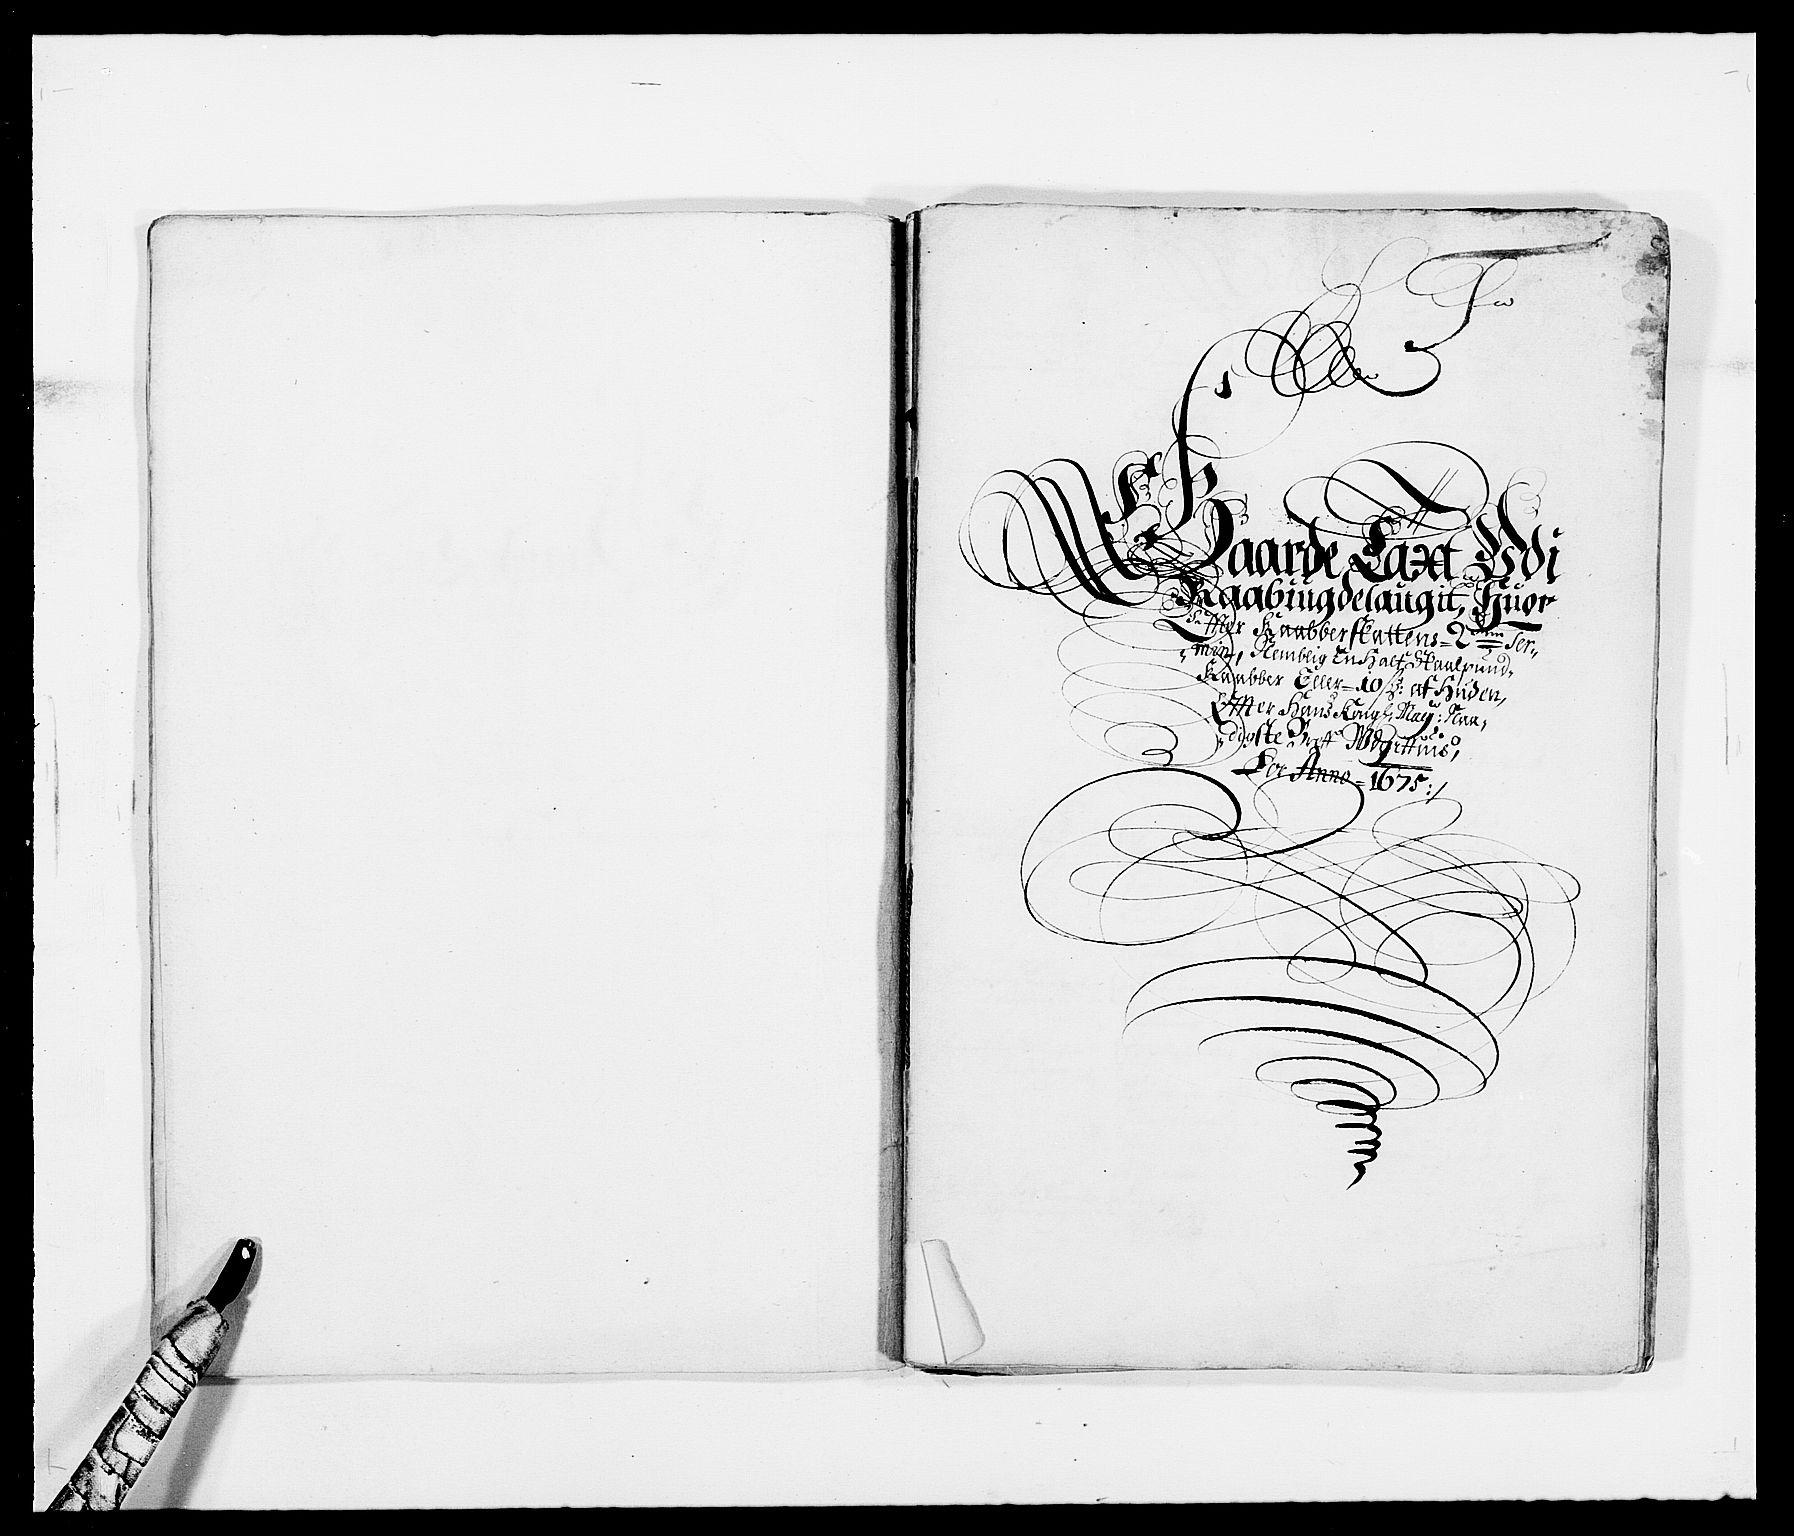 RA, Rentekammeret inntil 1814, Reviderte regnskaper, Fogderegnskap, R40/L2434: Fogderegnskap Råbyggelag, 1675-1676, s. 60